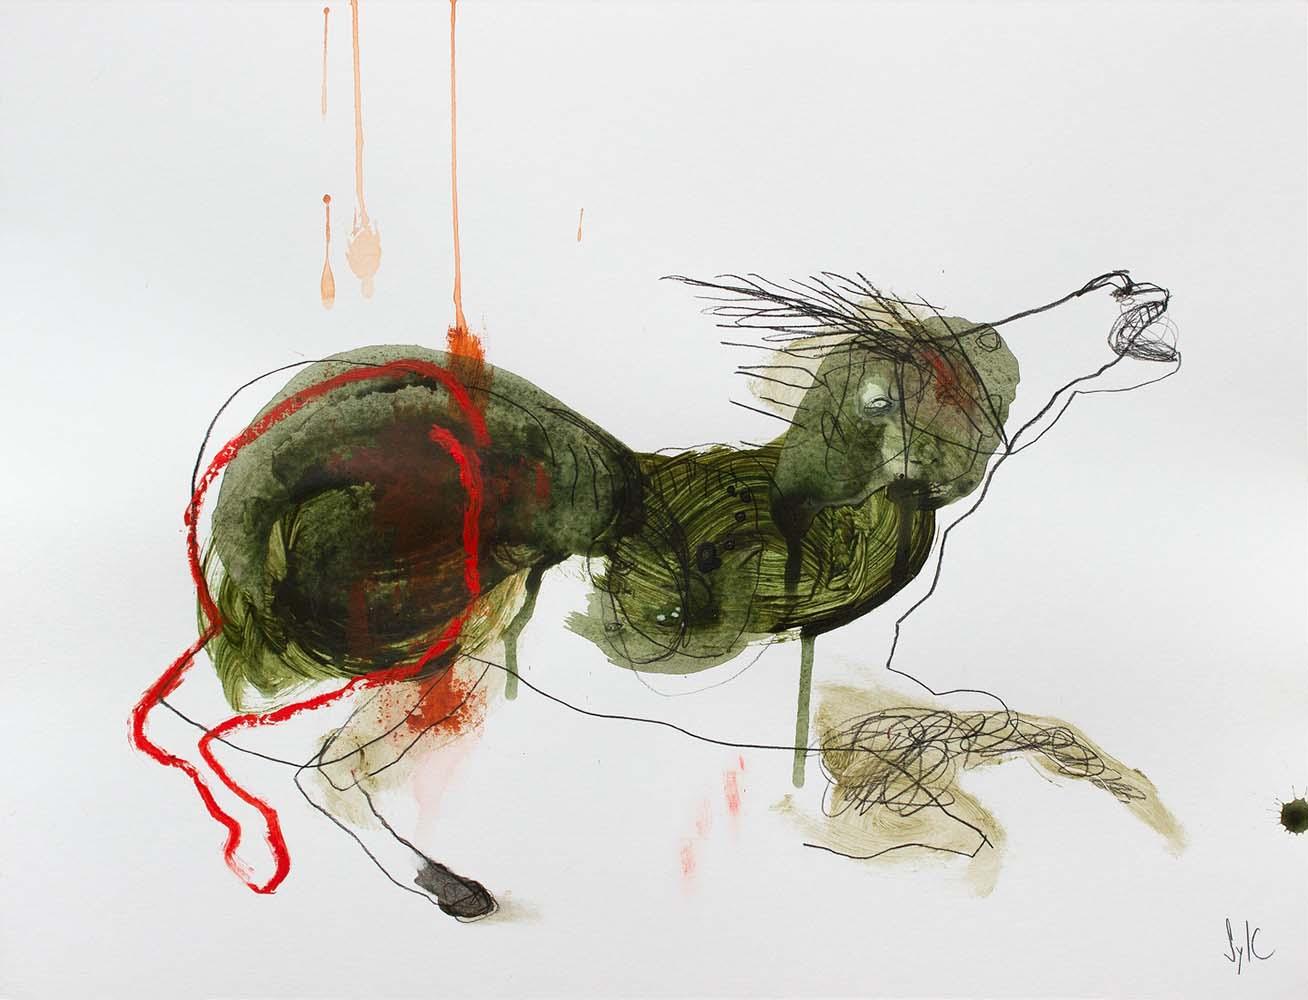 HORSE, Dessin #2, 2018 - Fusain, acrylique & pastel gras sur papier, 50x65cm